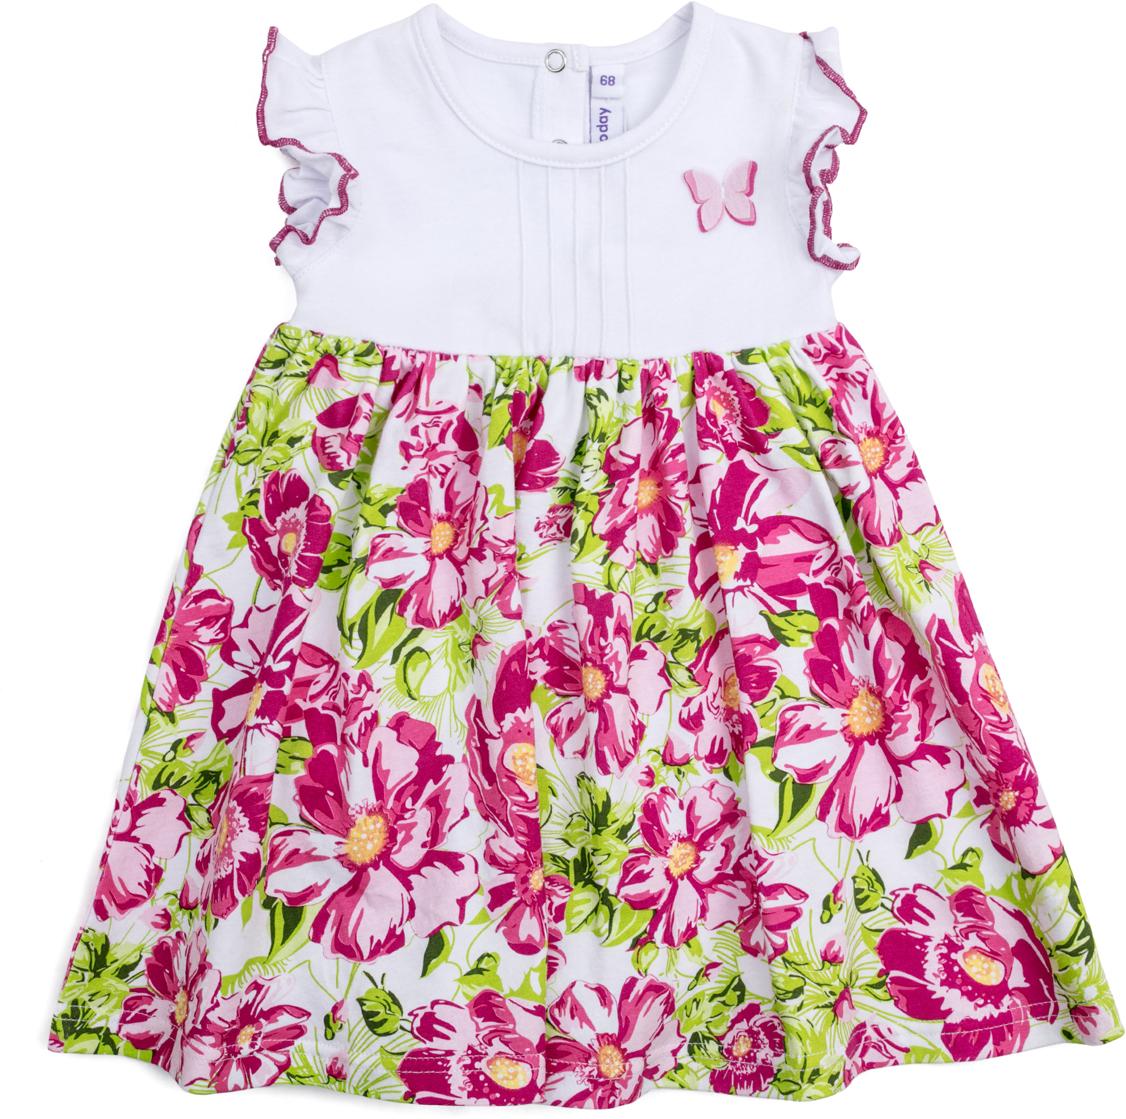 Платье для девочки PlayToday, цвет: белый, розовый, светло-зеленый. 188863. Размер 68